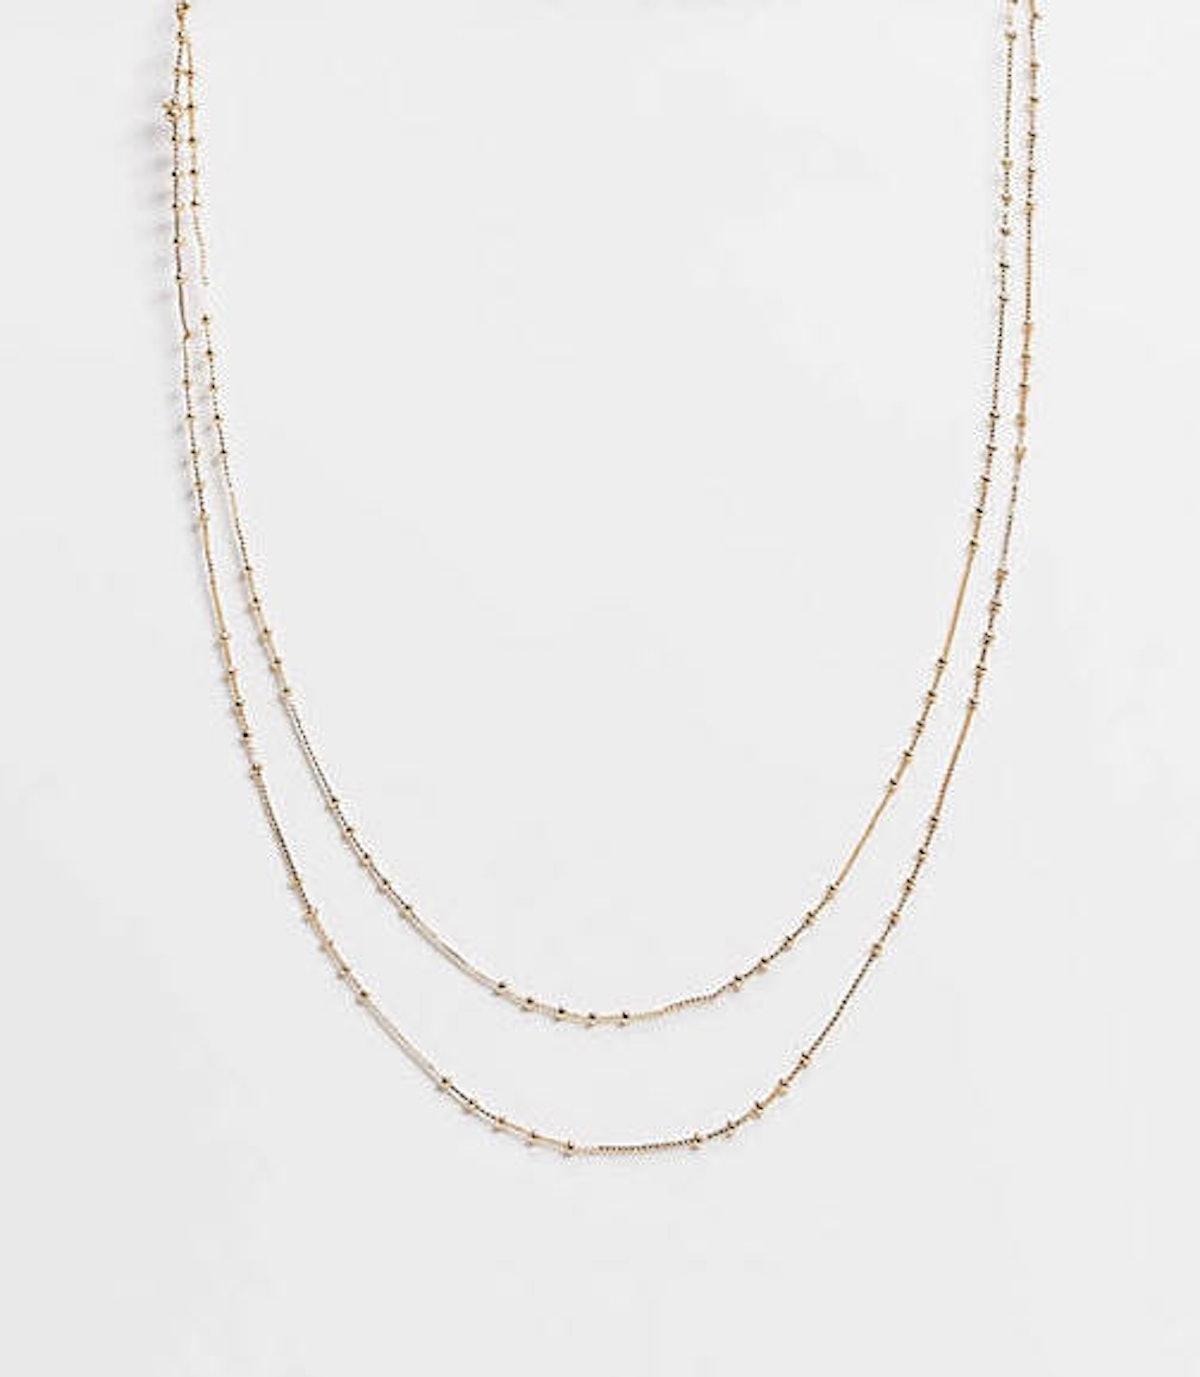 ASOS Dot Dash Gold Necklaces